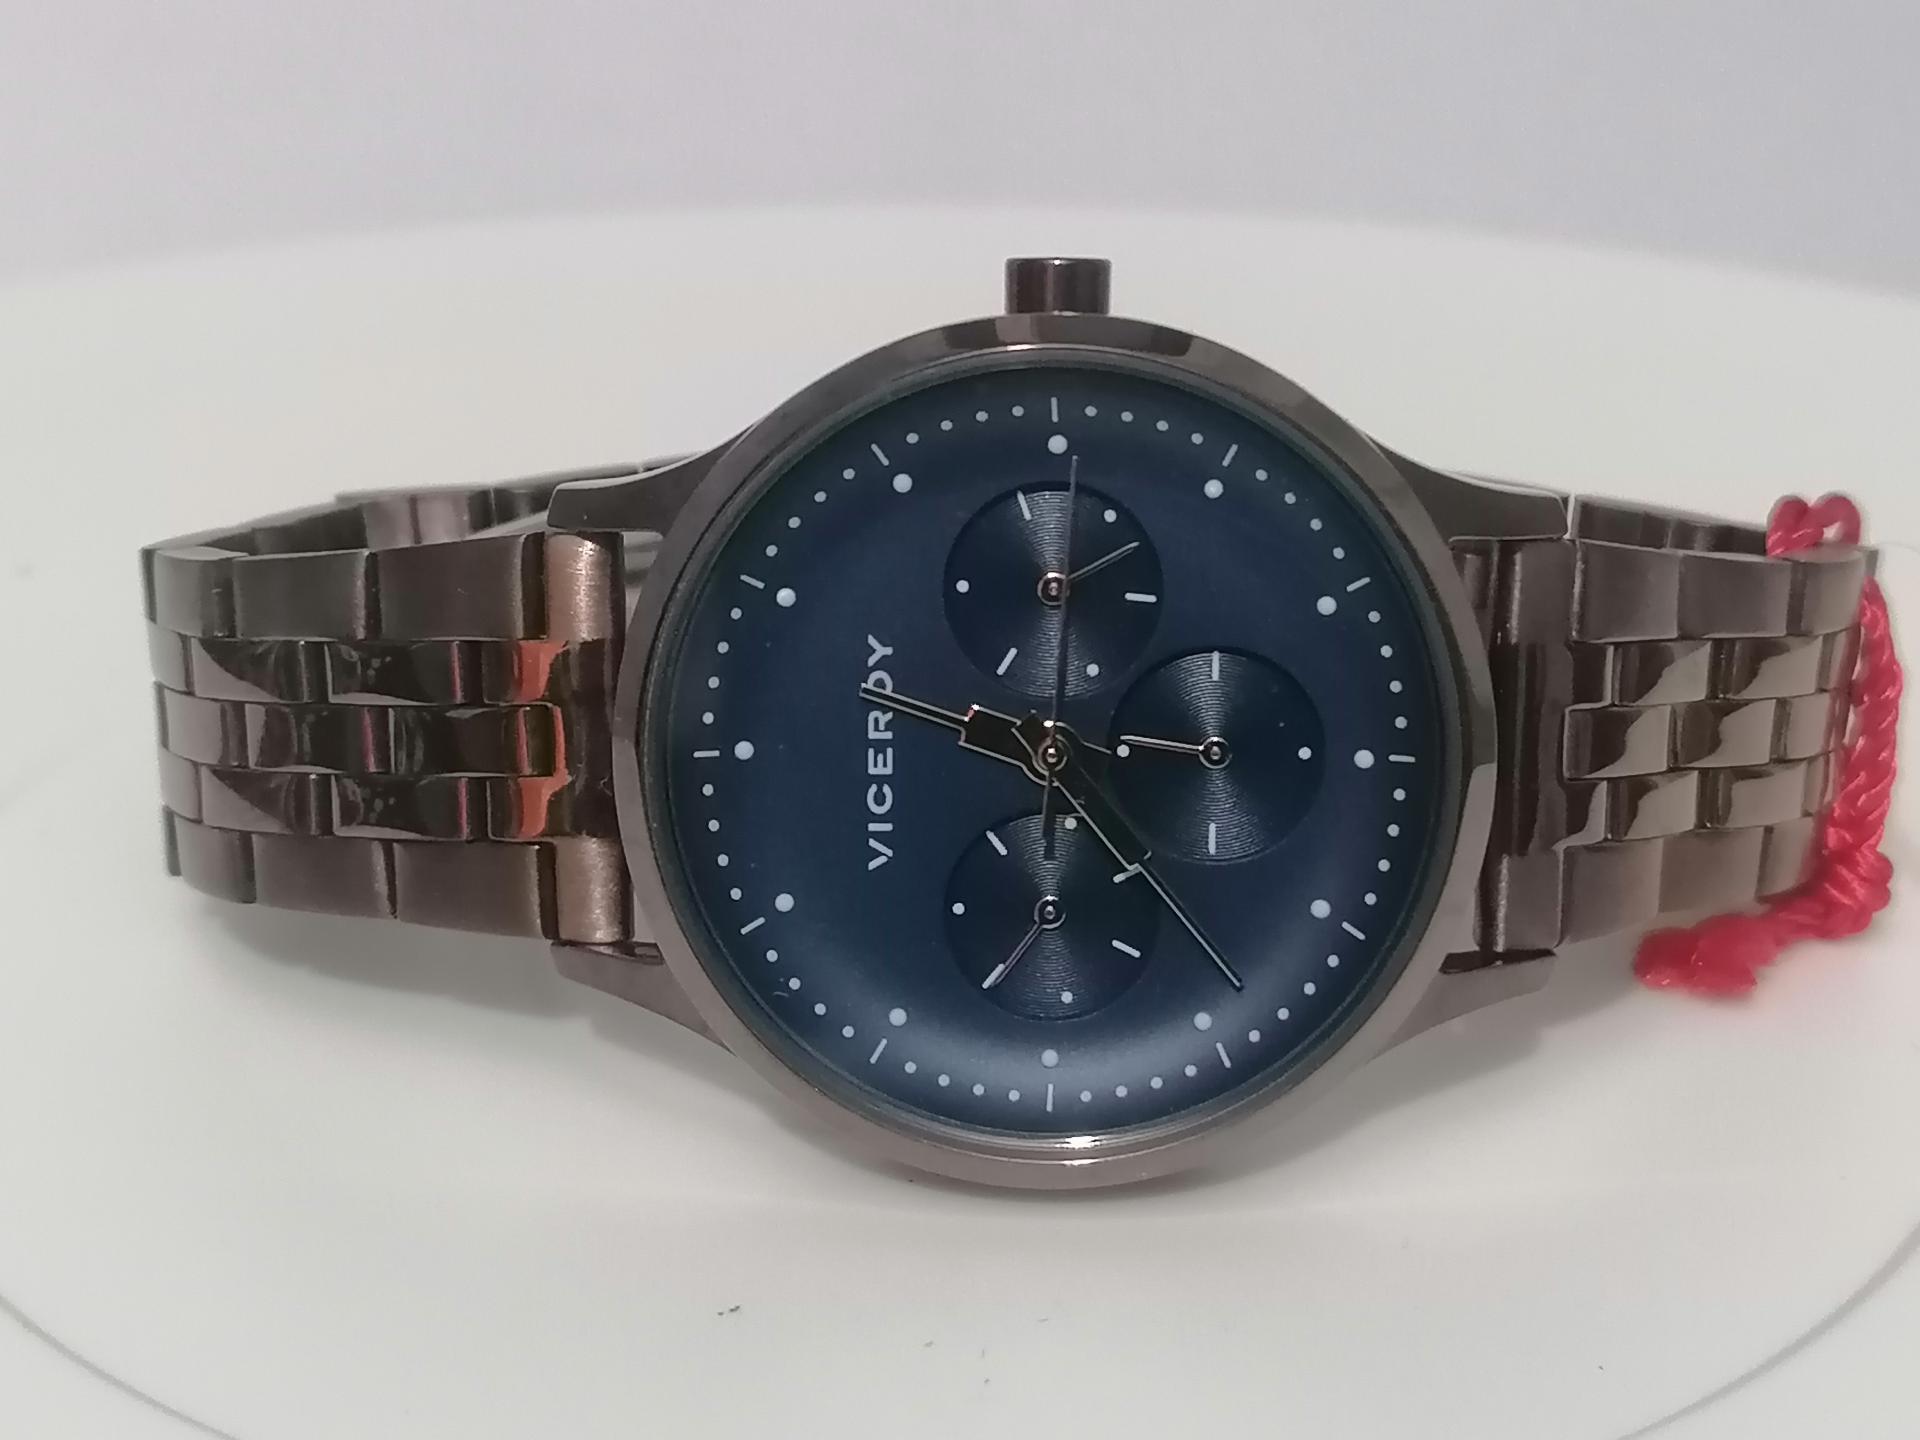 Reloj Viceroy Switch Mujer IP Marrón 461126-36 Multifunción